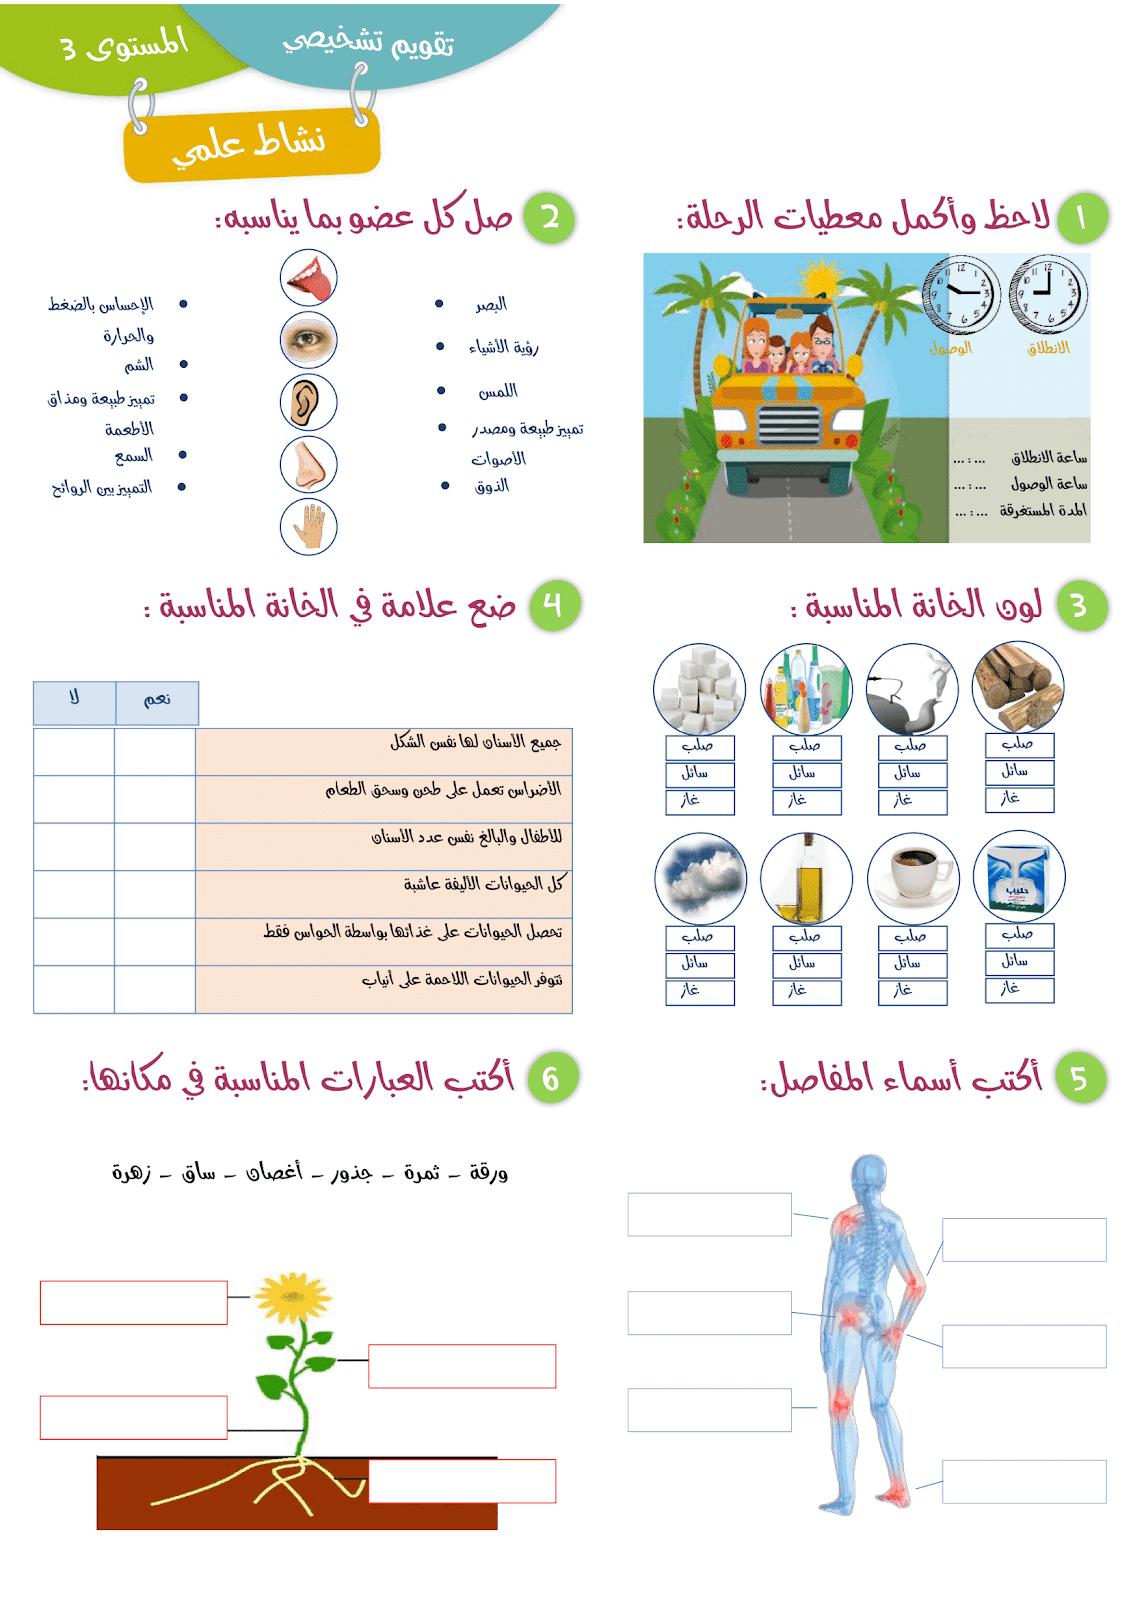 التقويم التشخيصي للنشاط العلمي للمستويات الثالث، الرابع و الخامس ابتدائي